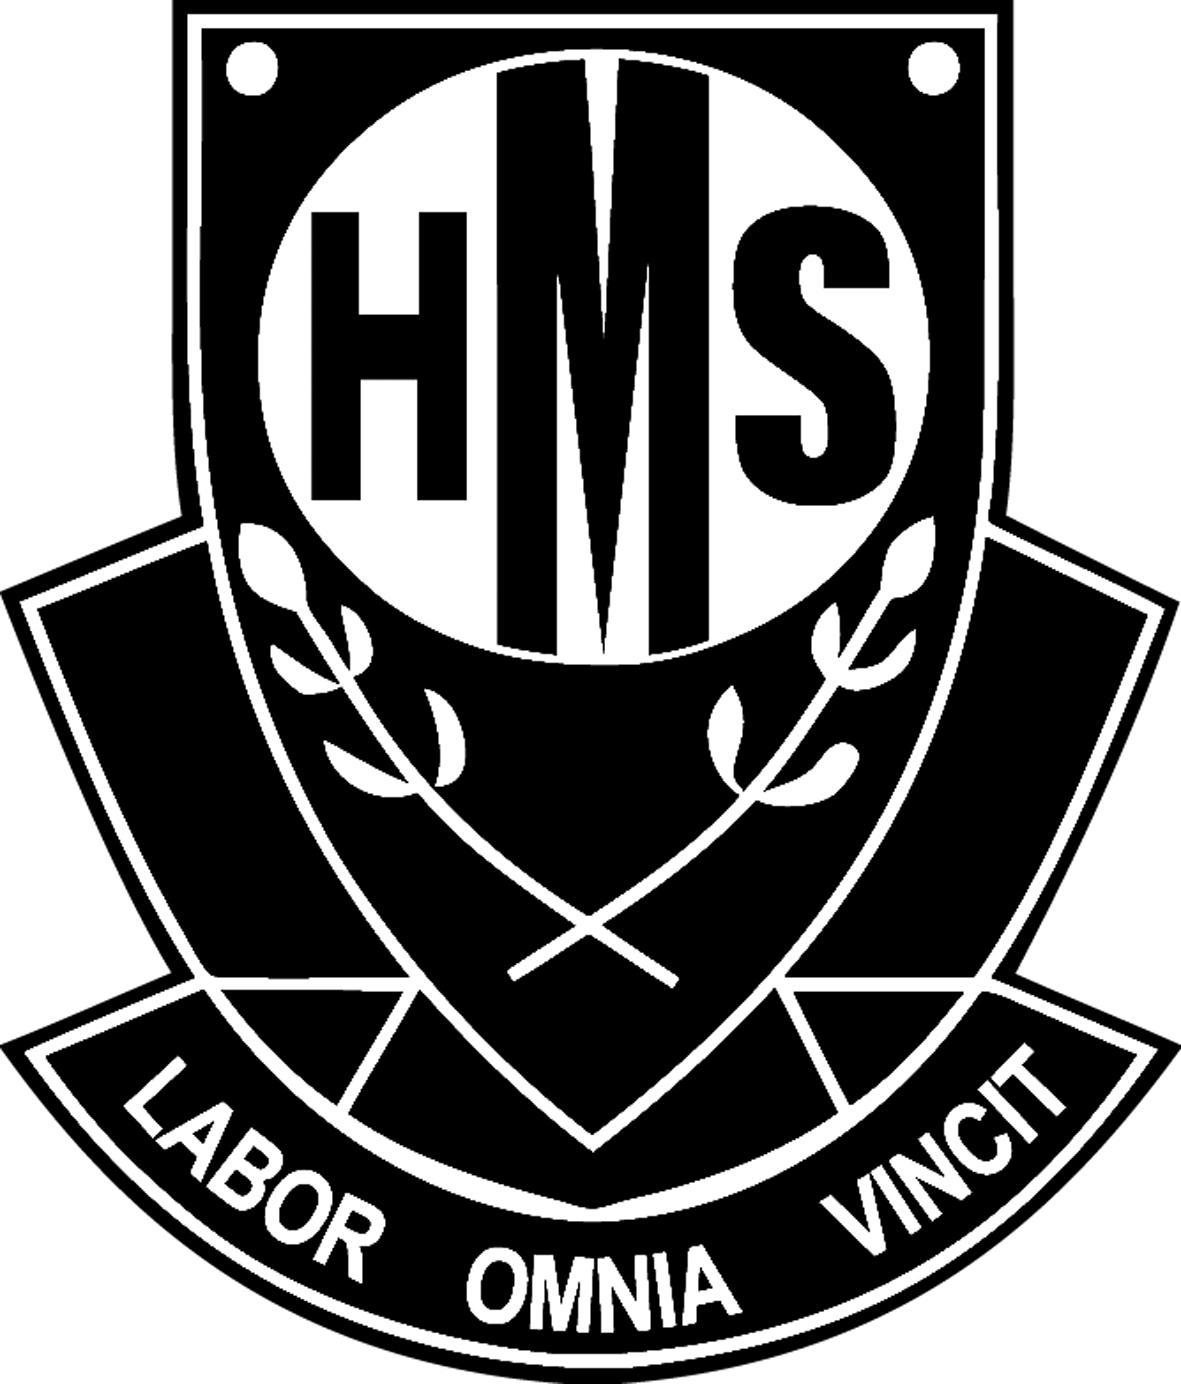 https://www.millenniumschools.net.au/muswellbrook/images/B&W%20Badge.jpg